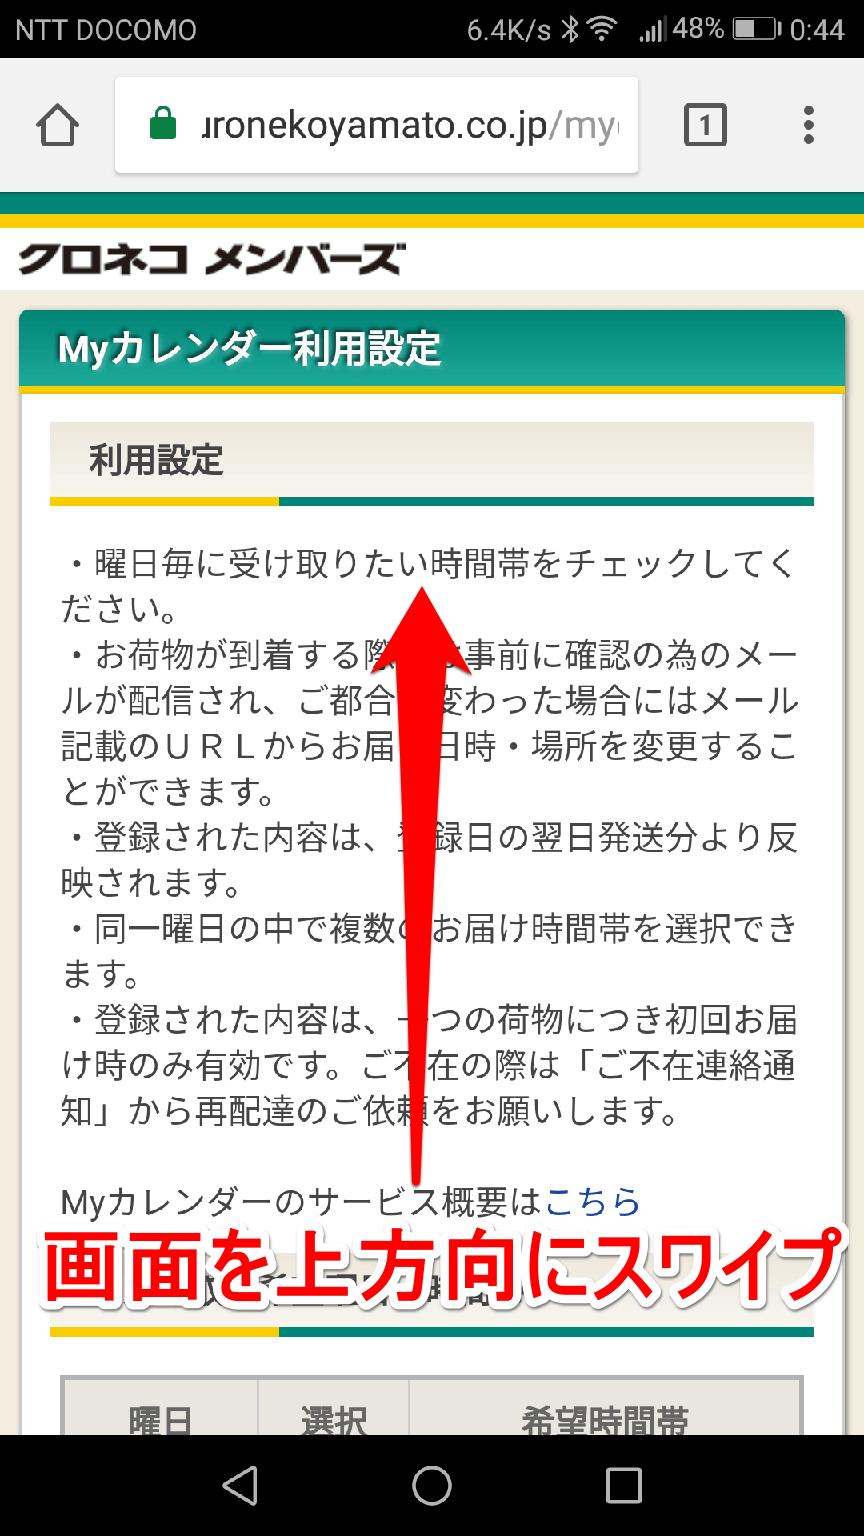 クロネコメンバーズの[Myカレンダー利用設定]画面